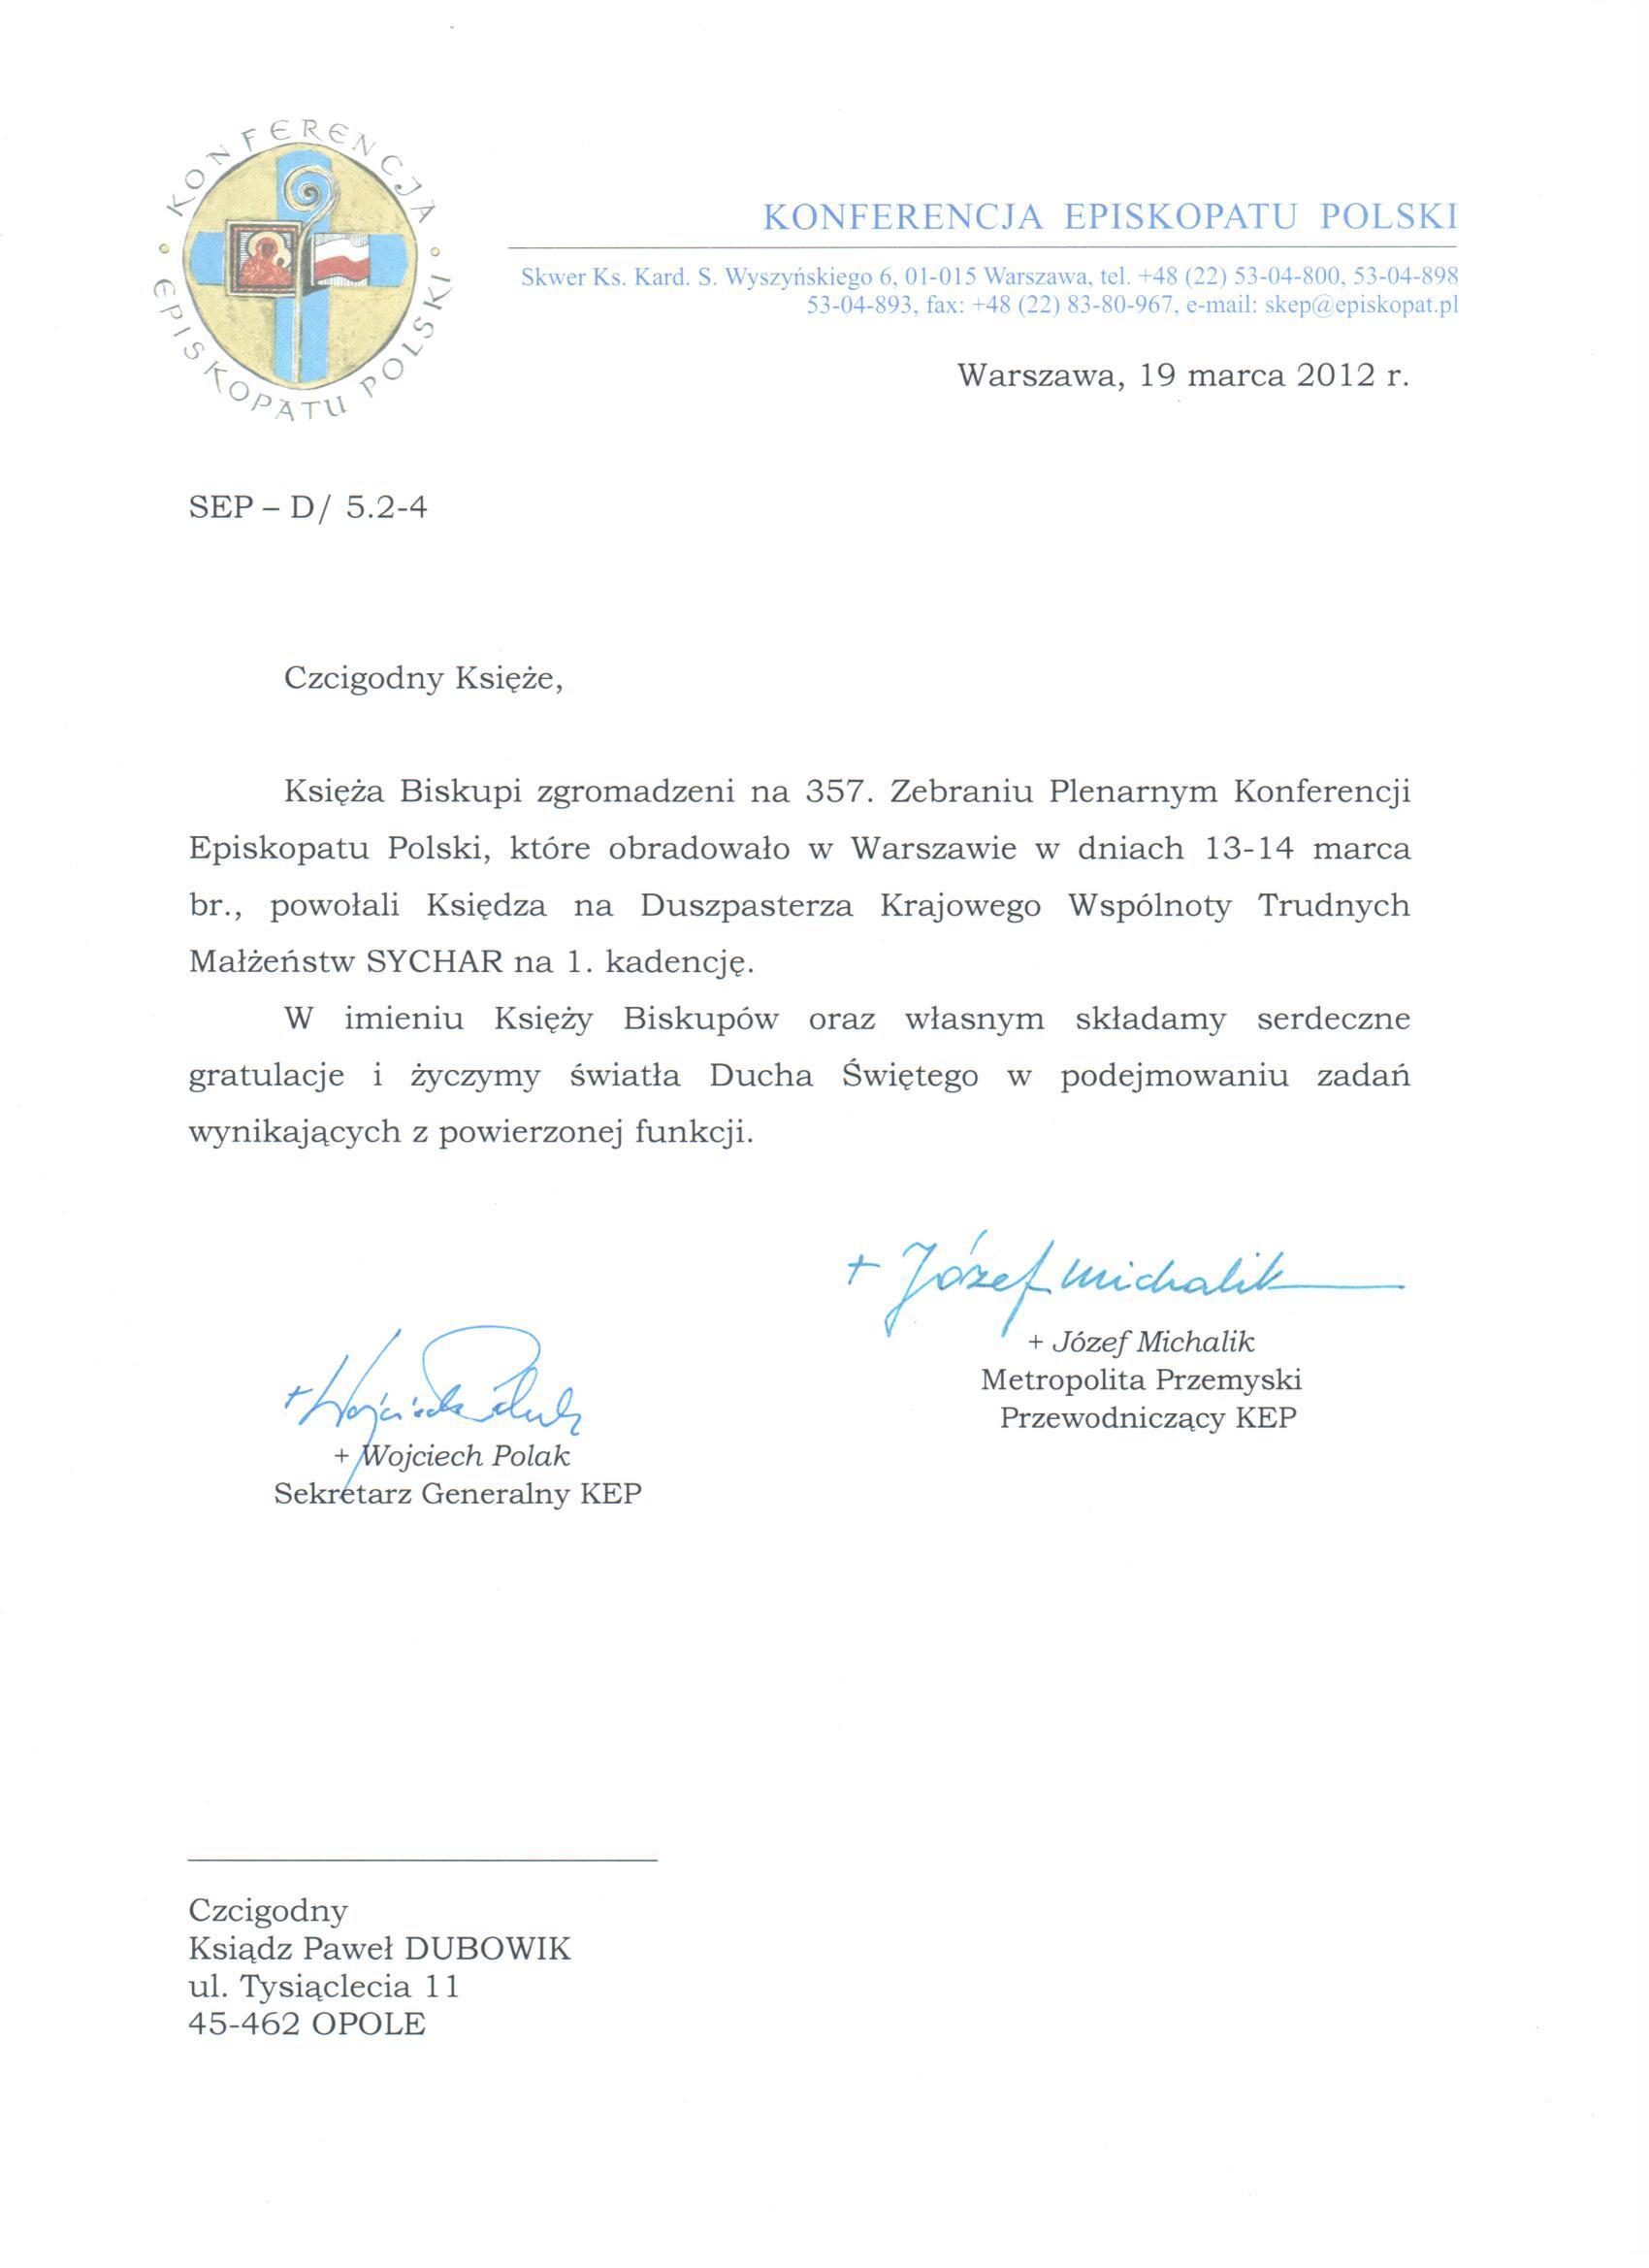 Episkopat-Polski-2012.03.14-nominacja